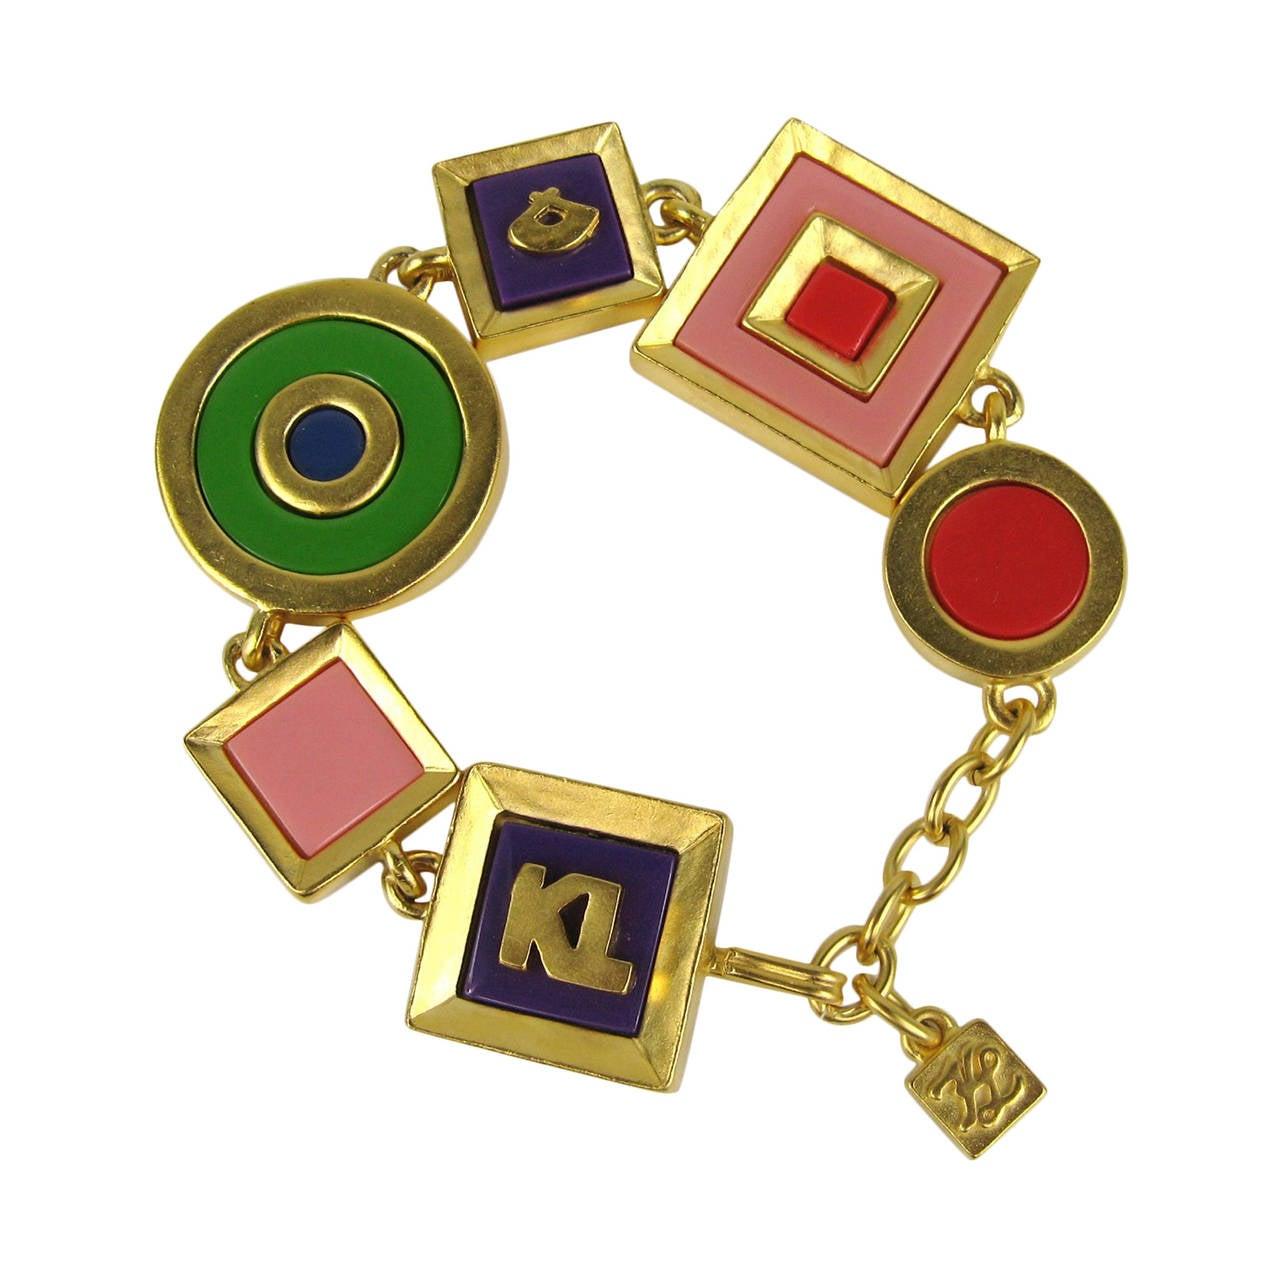 Karl Lagerfeld Charm Enameled Gilt Bracelet 1980s New,  Never Worn  1